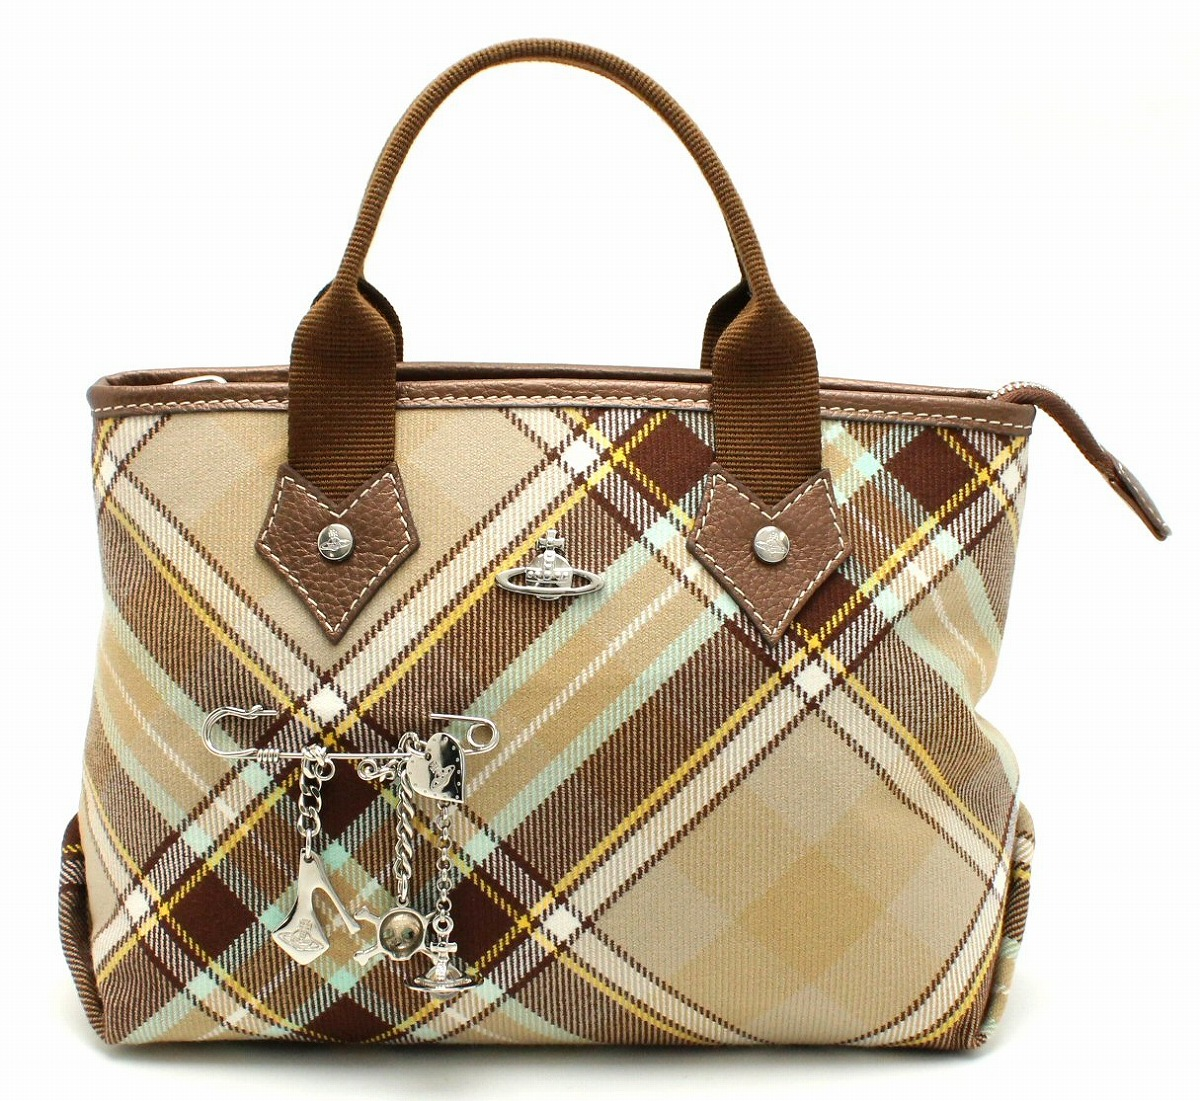 【バッグ】Vivienne Westwood ヴィヴィアン ウエストウッド オーブ トート ハンドバッグ キャンバス 茶 ブラウン チェック マルチカラー 【中古】【k】